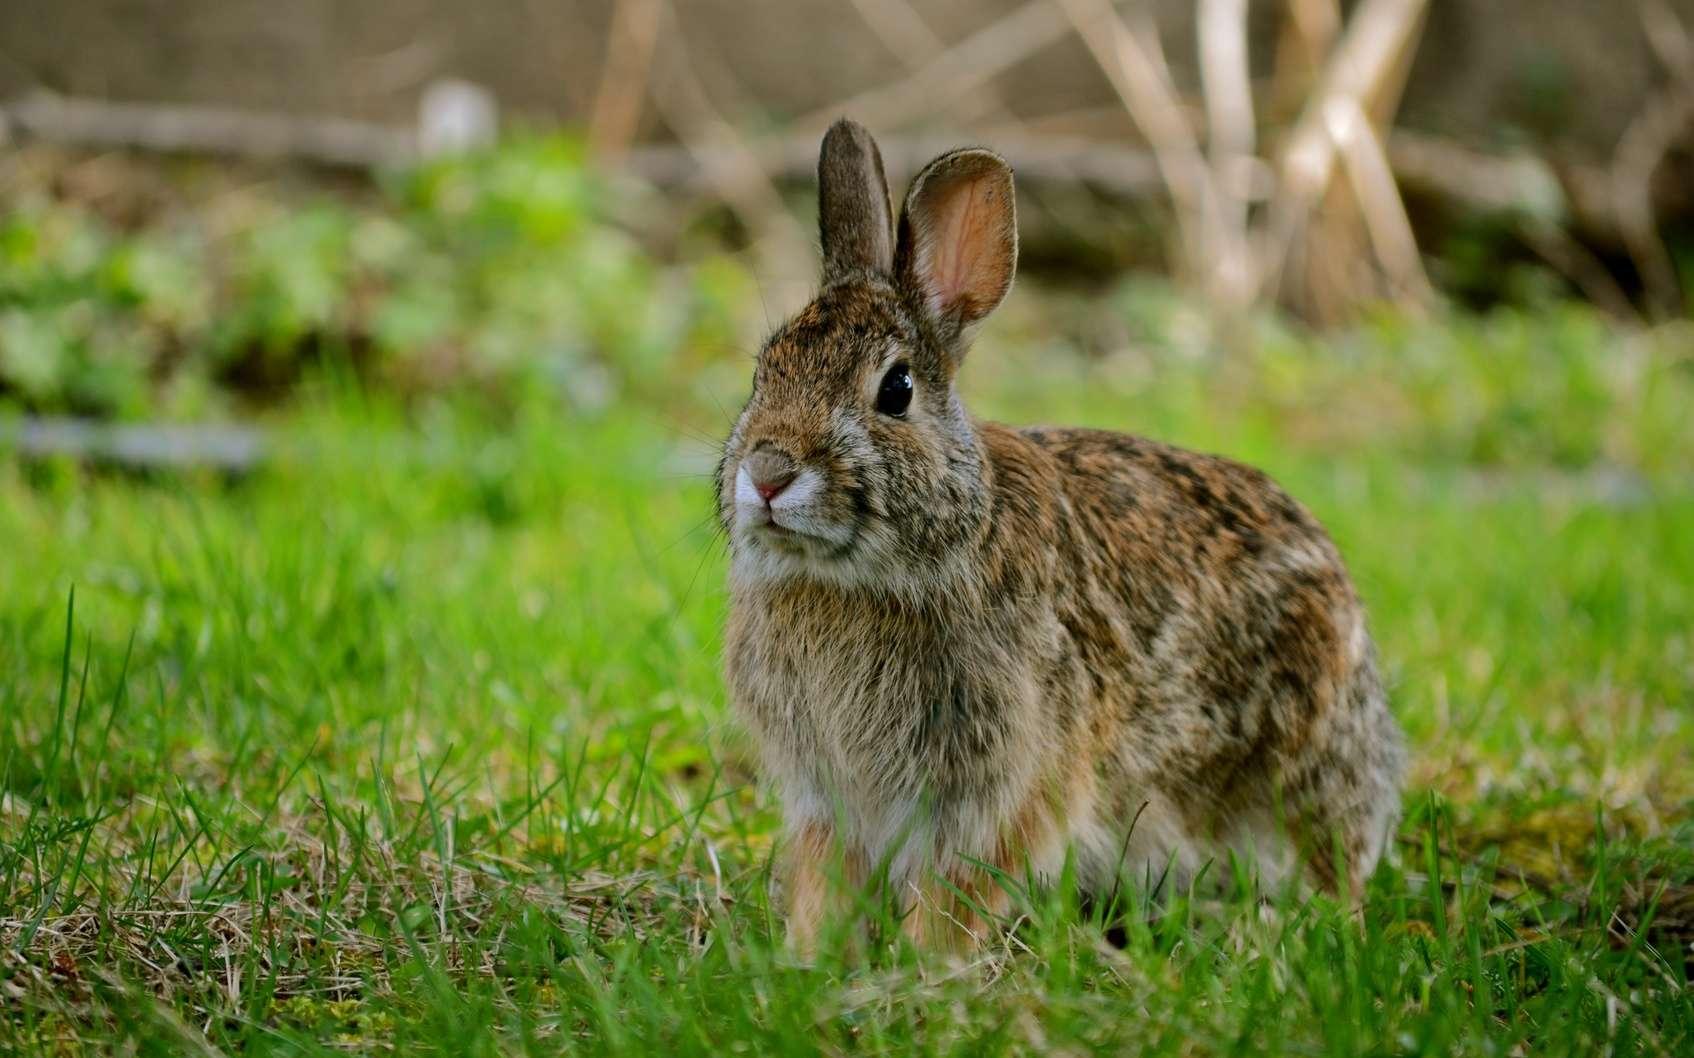 Le virus de la myxomatose affecte exclusivement les lapins. © Shaun, Fotolia.com